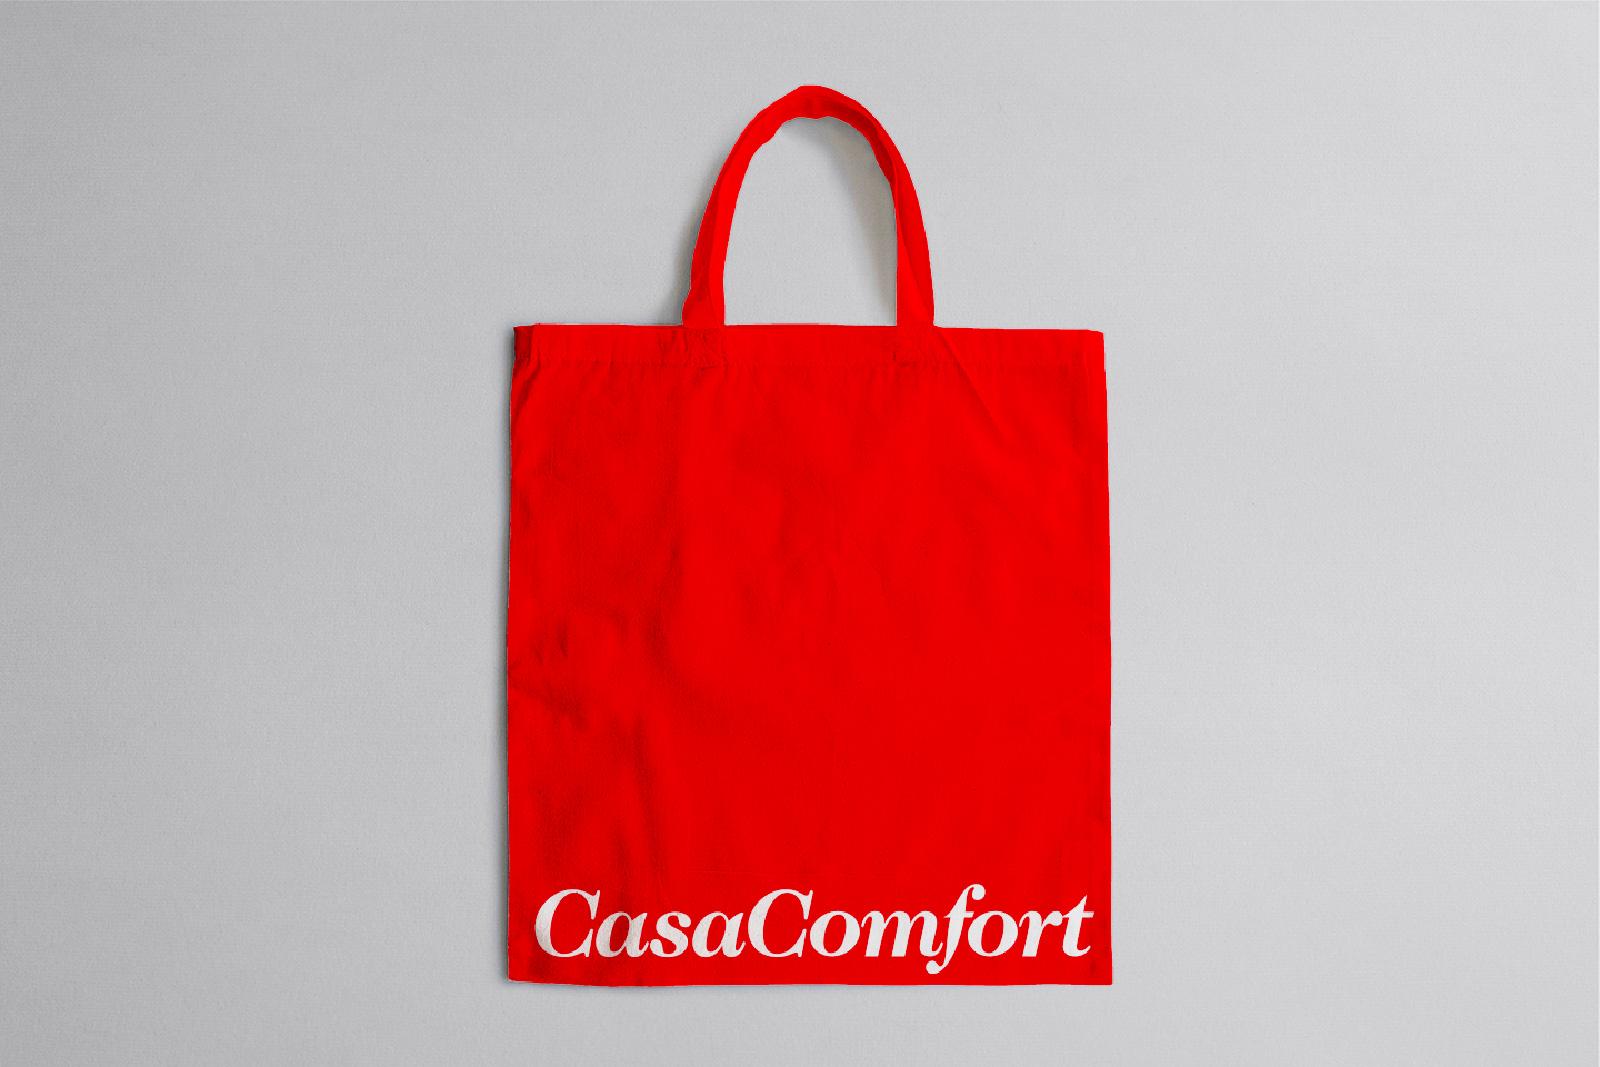 Casa Comfort - Tote Bag